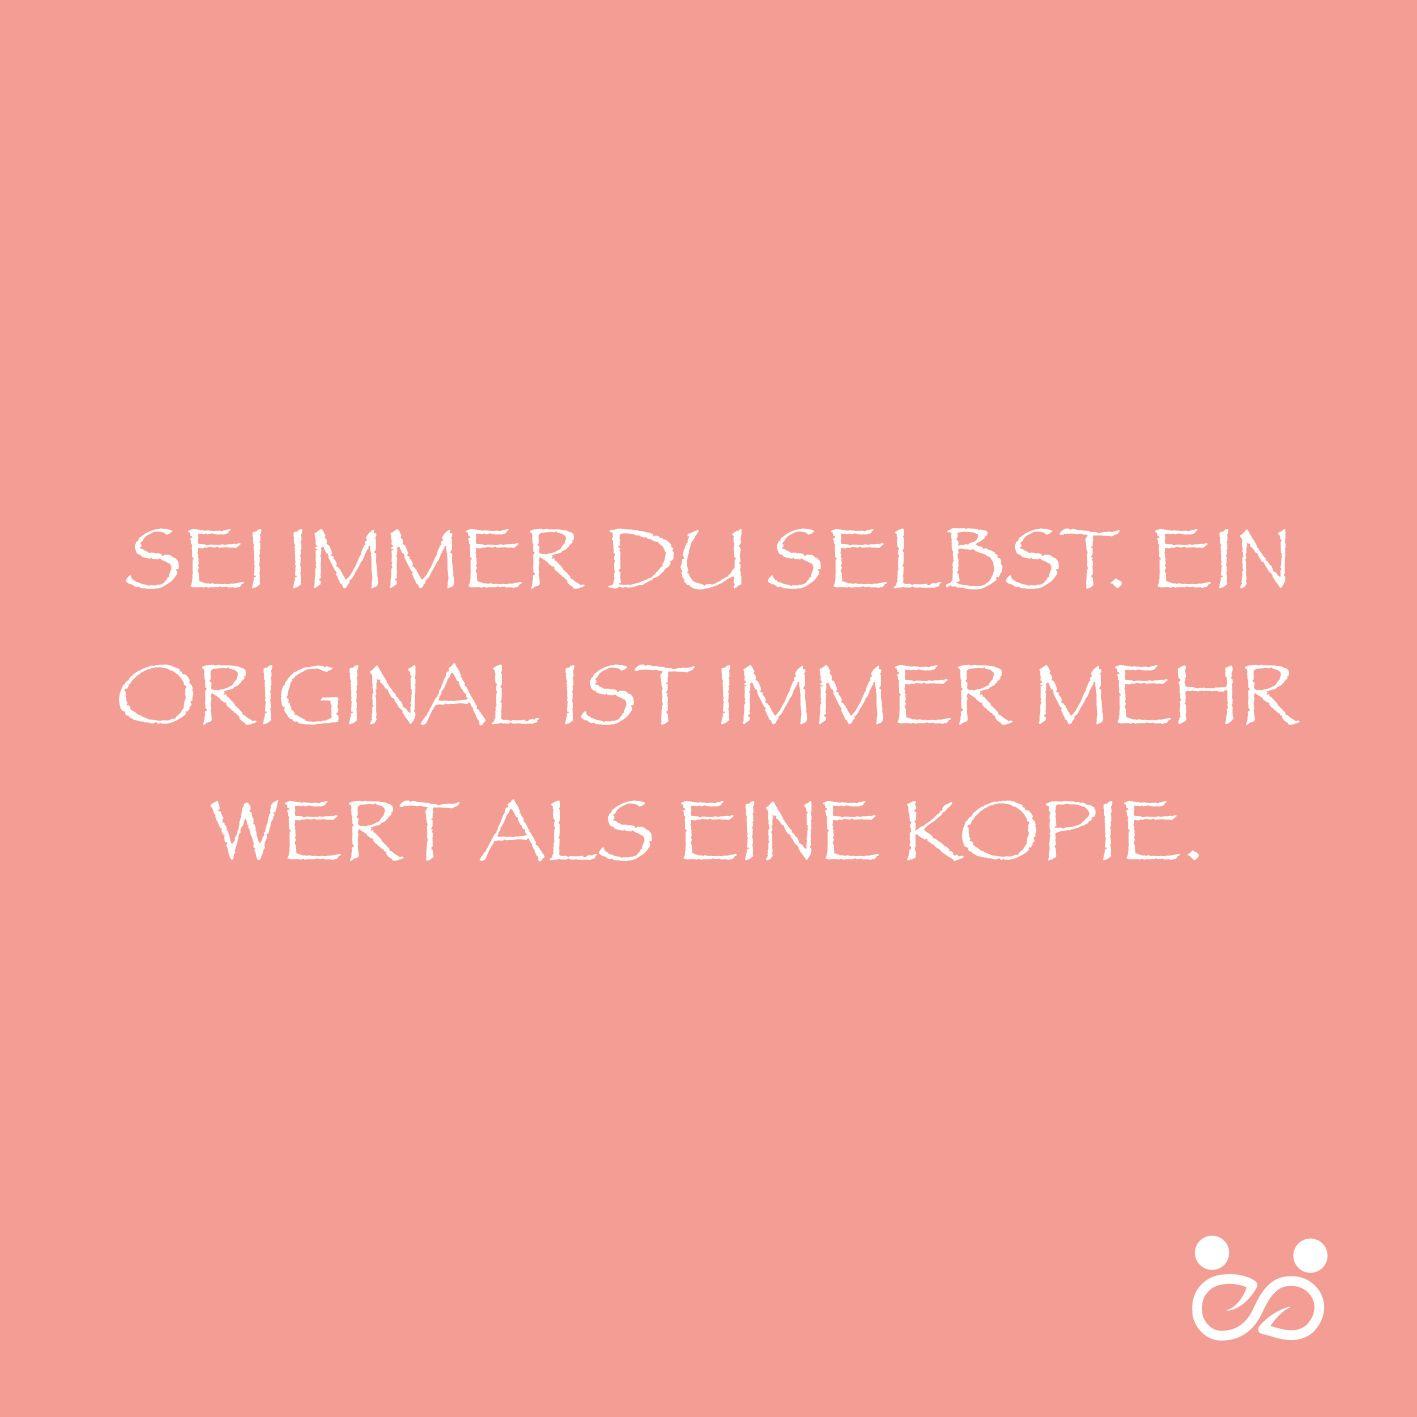 very well. Interesting Erfolgreichste deutsche single aller zeiten are absolutely right. something